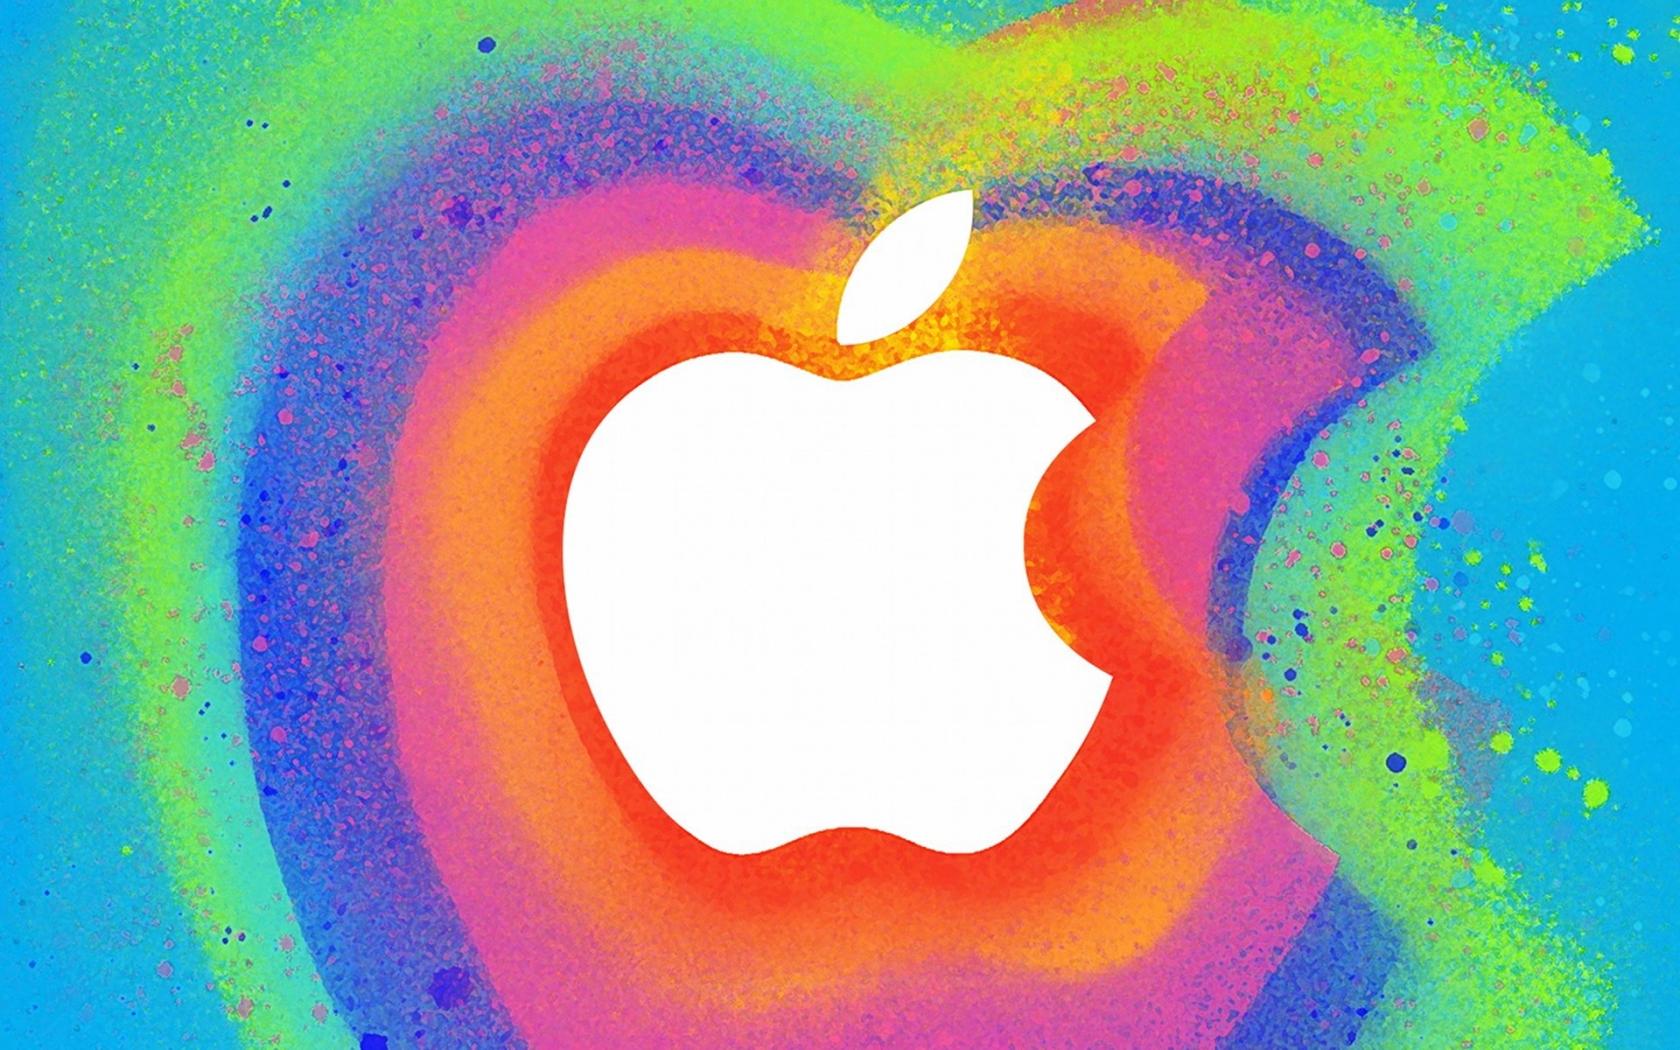 Manzana en colores - 1680x1050